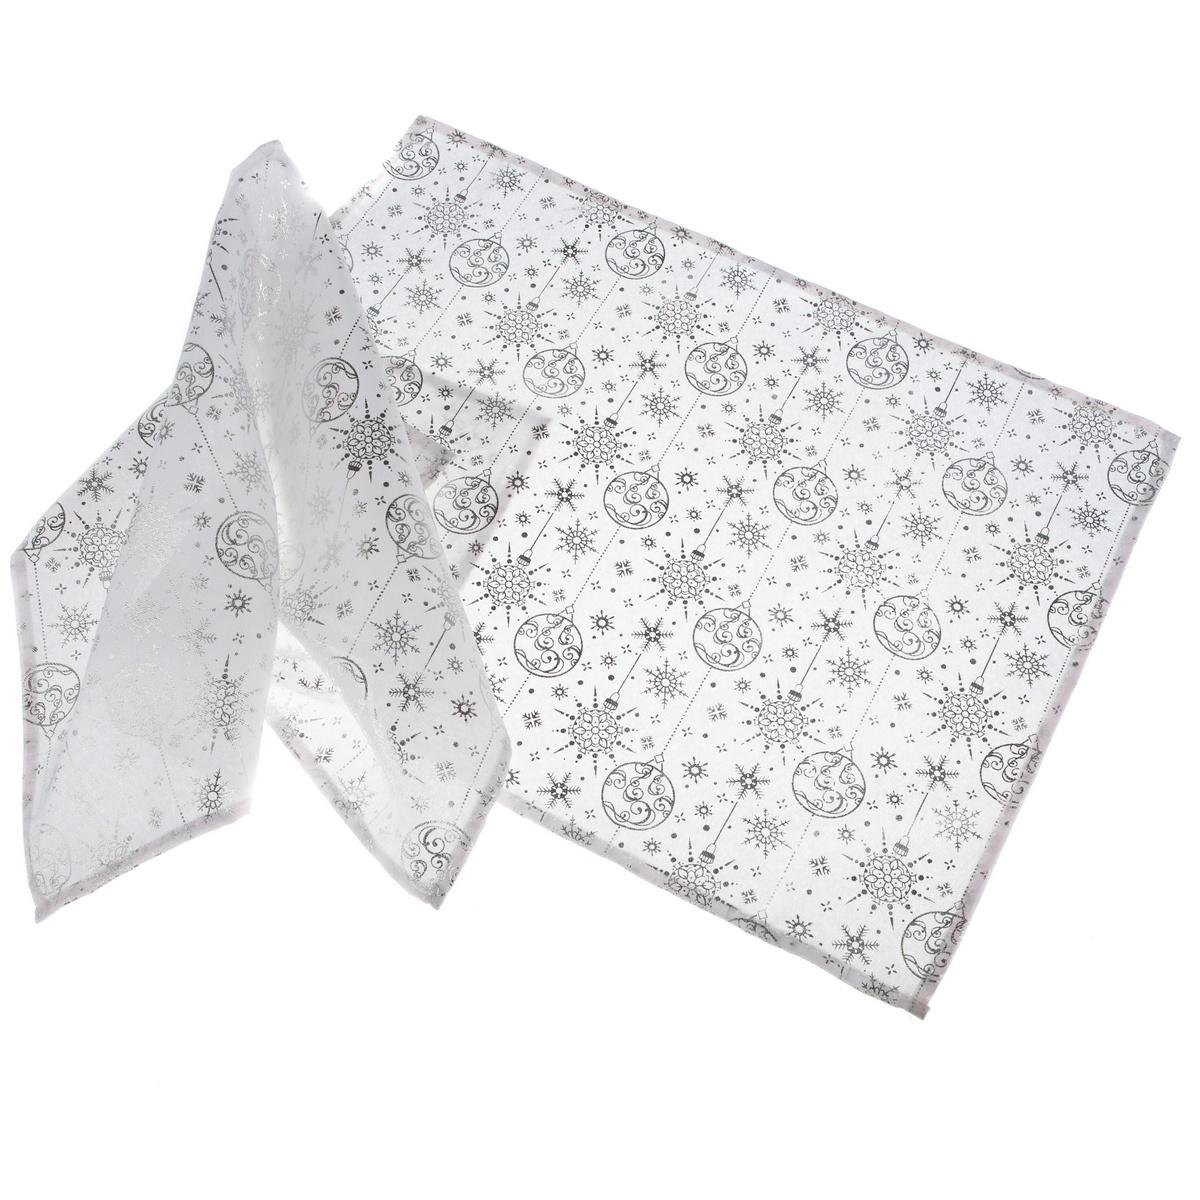 Dakls Vánoční prostírání Zima stříbrná, 32 x 45 cm, sada 2 ks